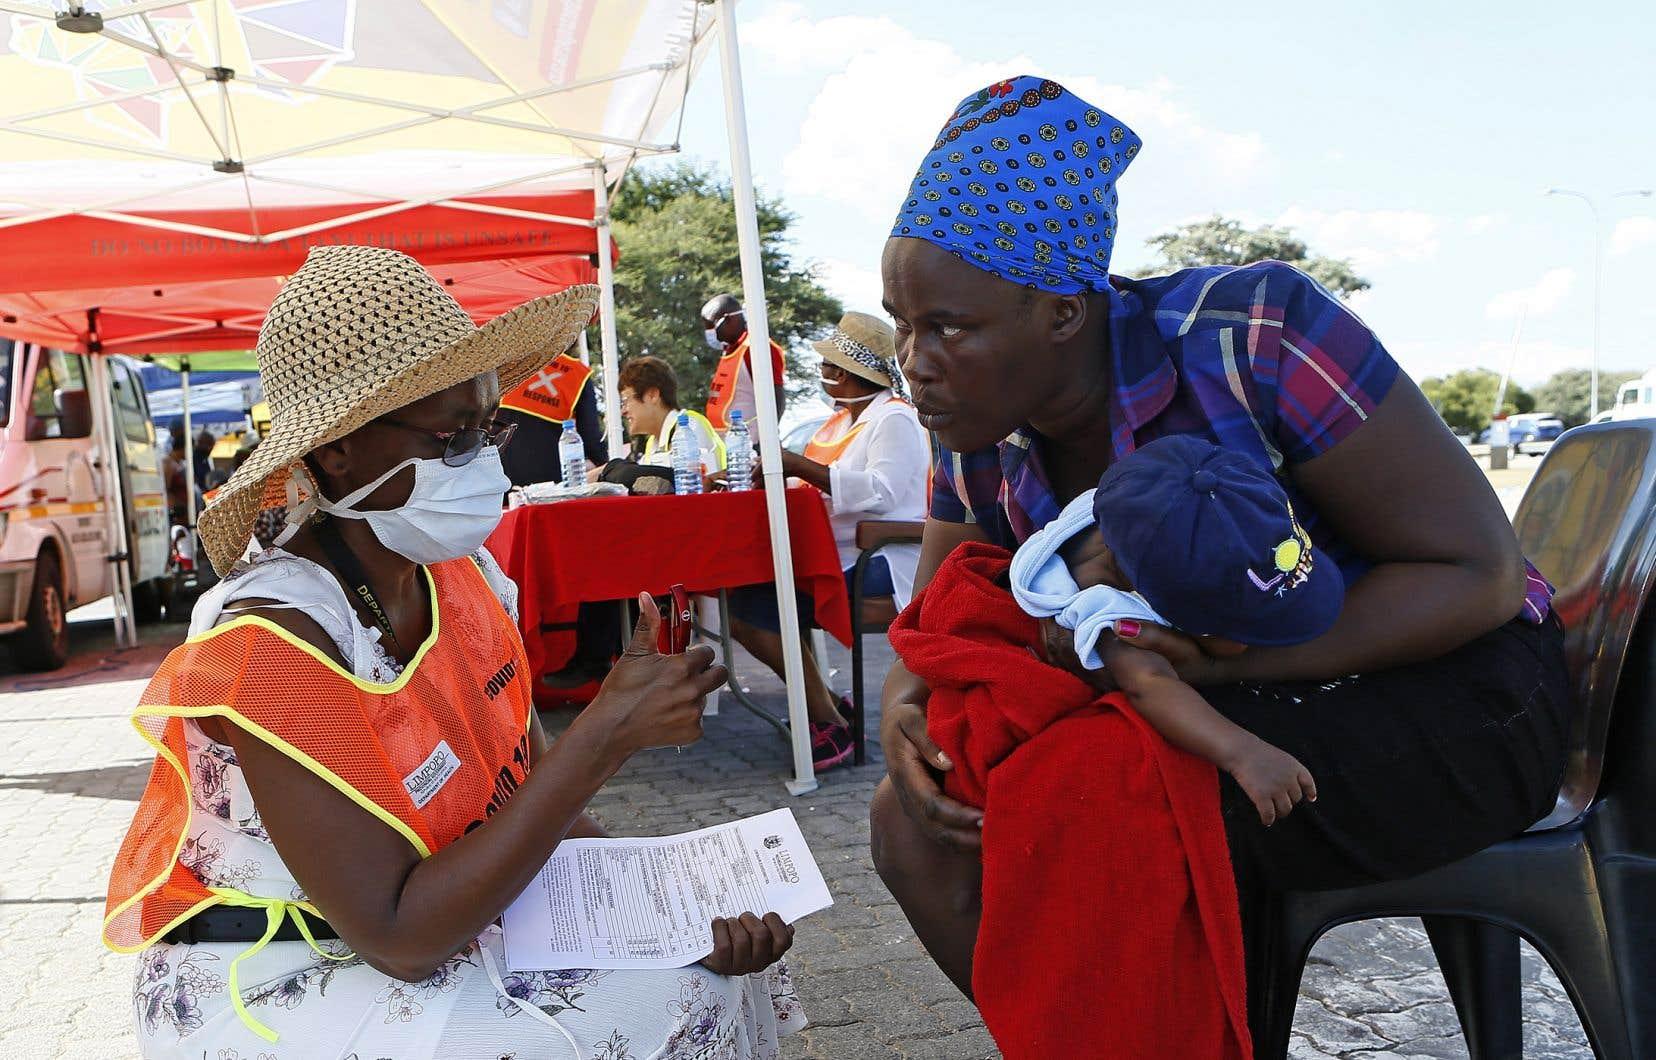 «Un pays comme l'Afrique du Sud, où l'on craint énormément l'impact du virus dans les immenses bidonvilles, risque de ne pas se remettre de crise actuelle», mentionnent les auteurs.